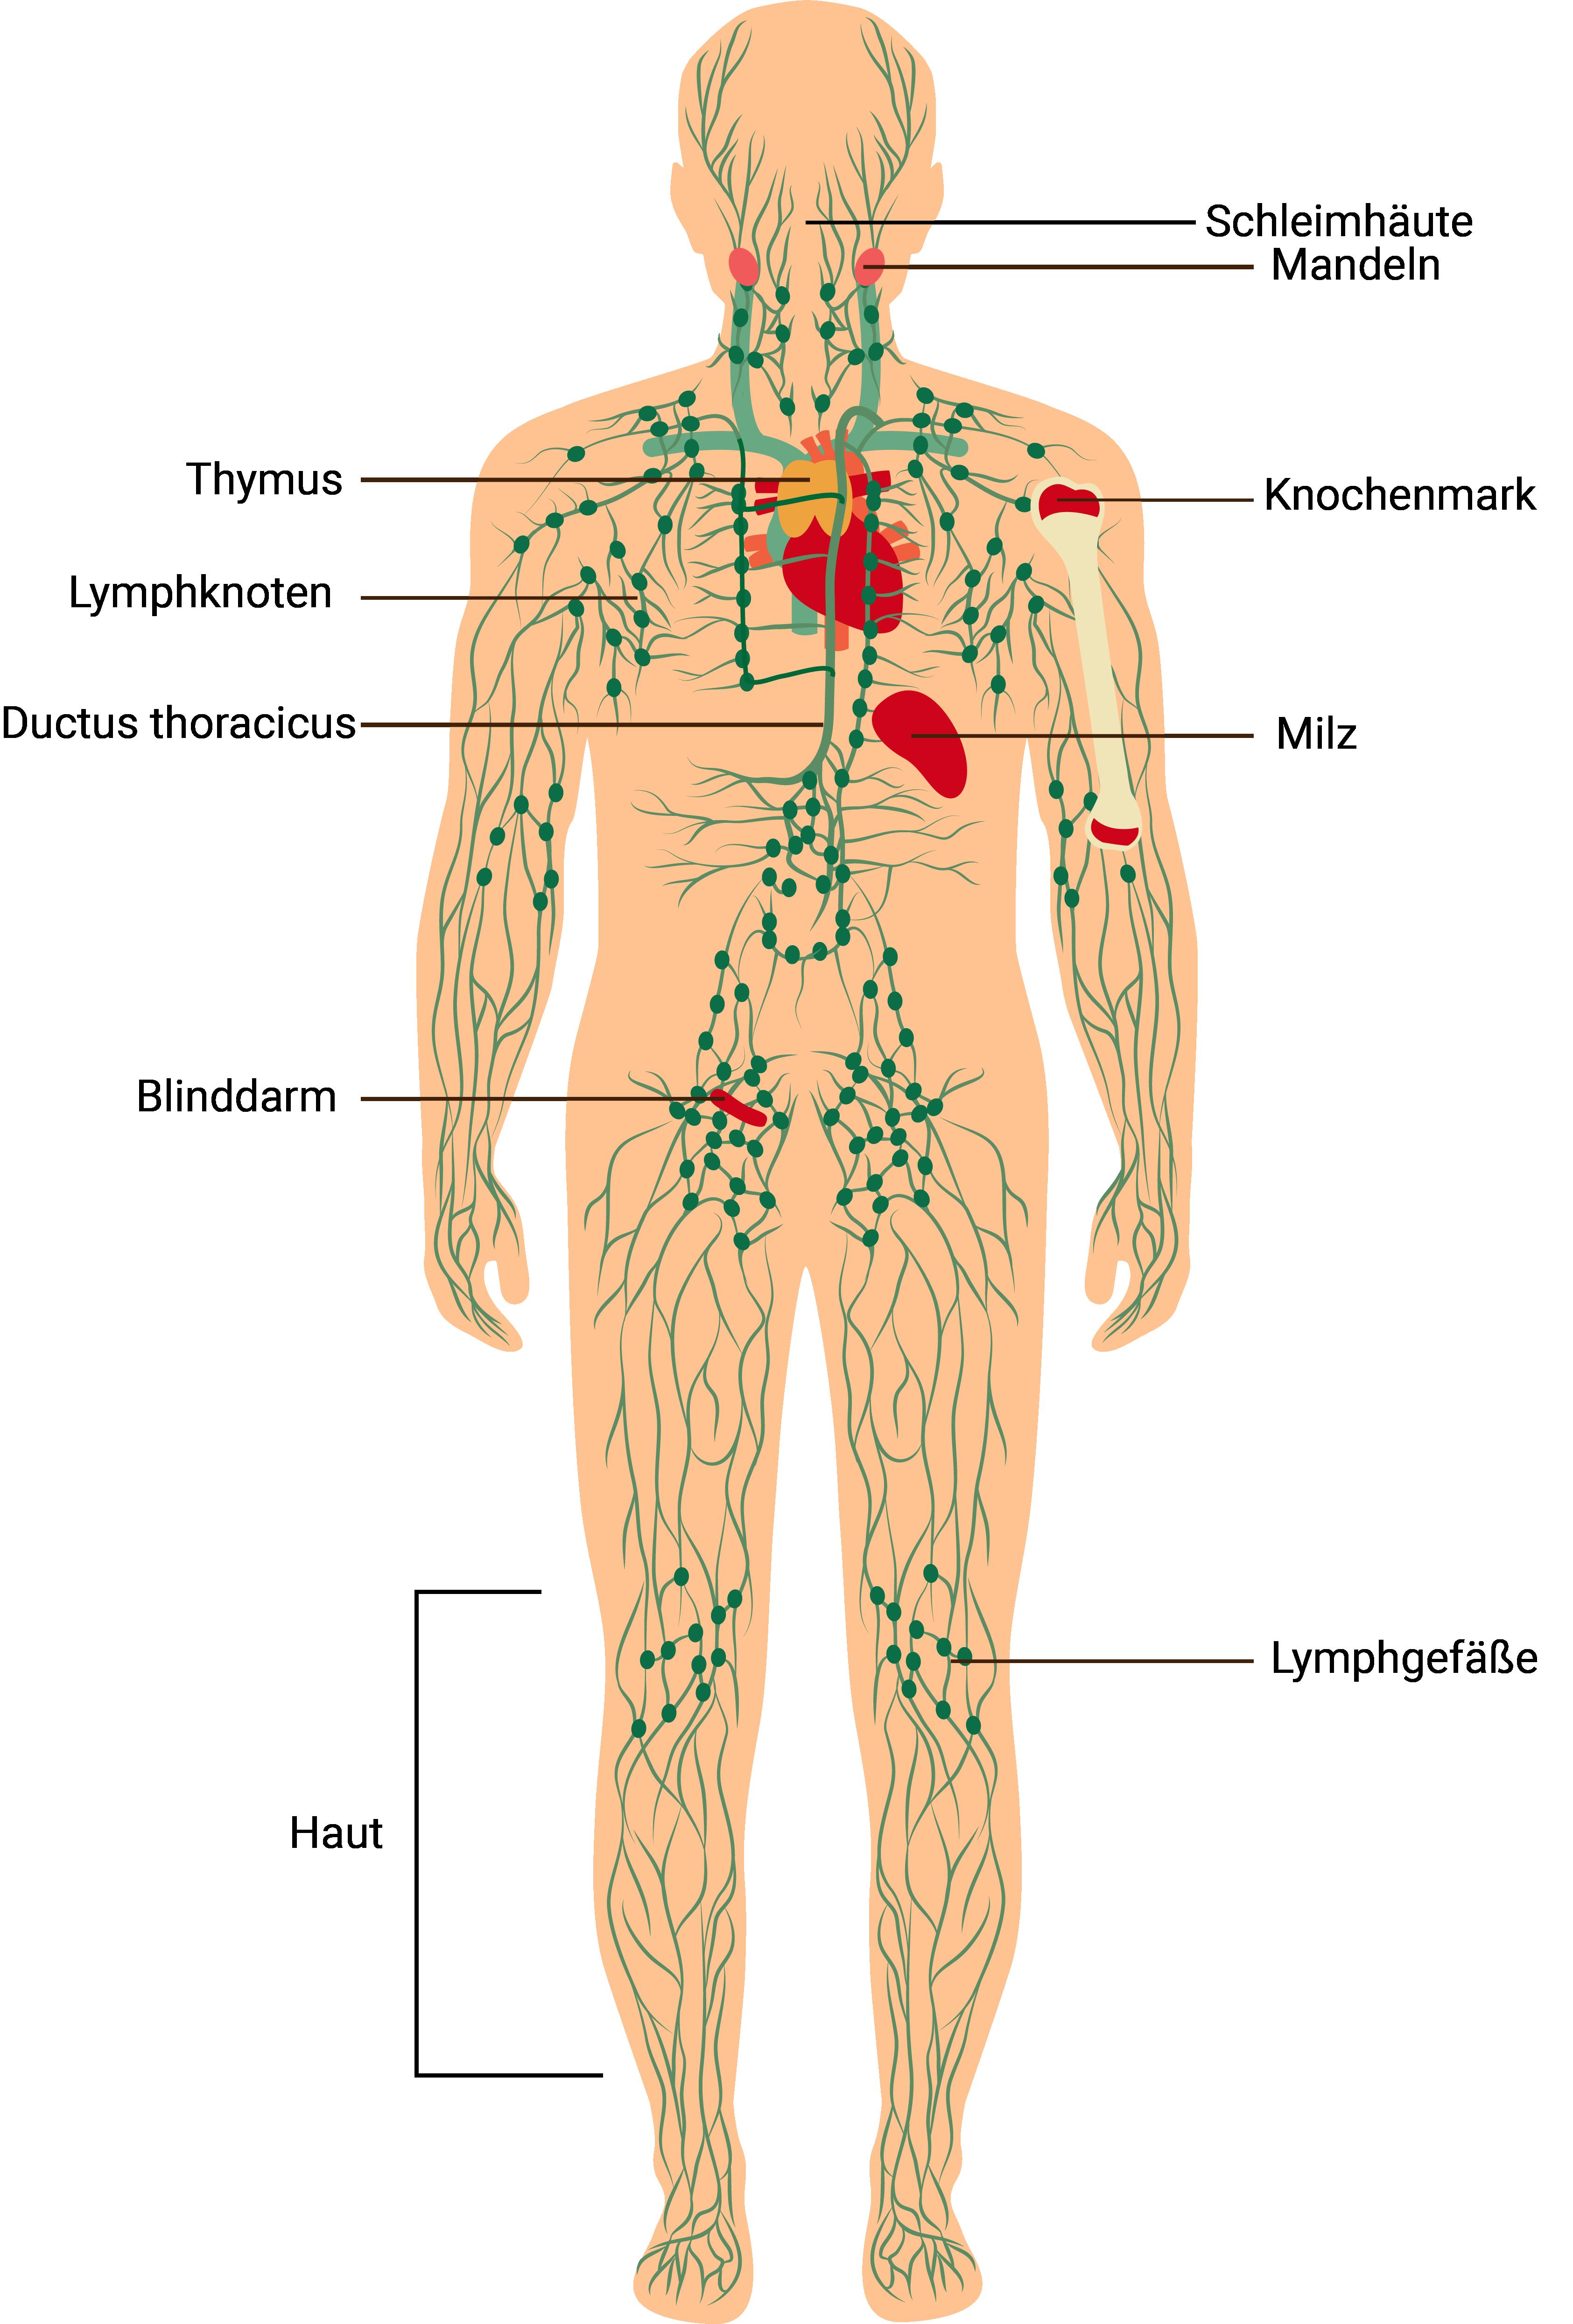 immunabwehr-körperstrukturen-welche-mit-deiner-immunabwehr-verbunden-sind